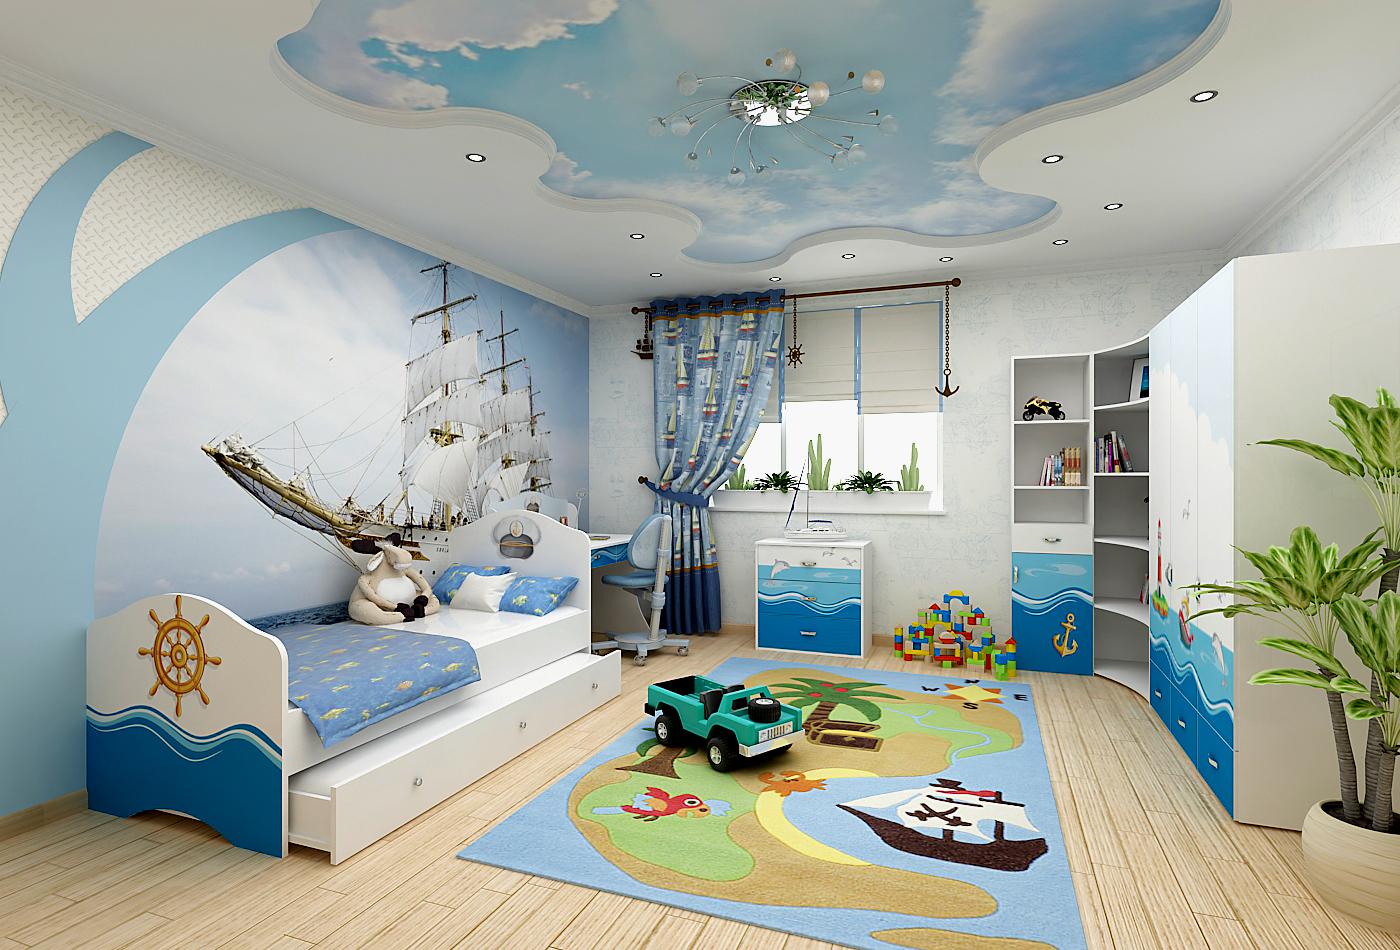 Дизайн детской комнаты на морскую тему